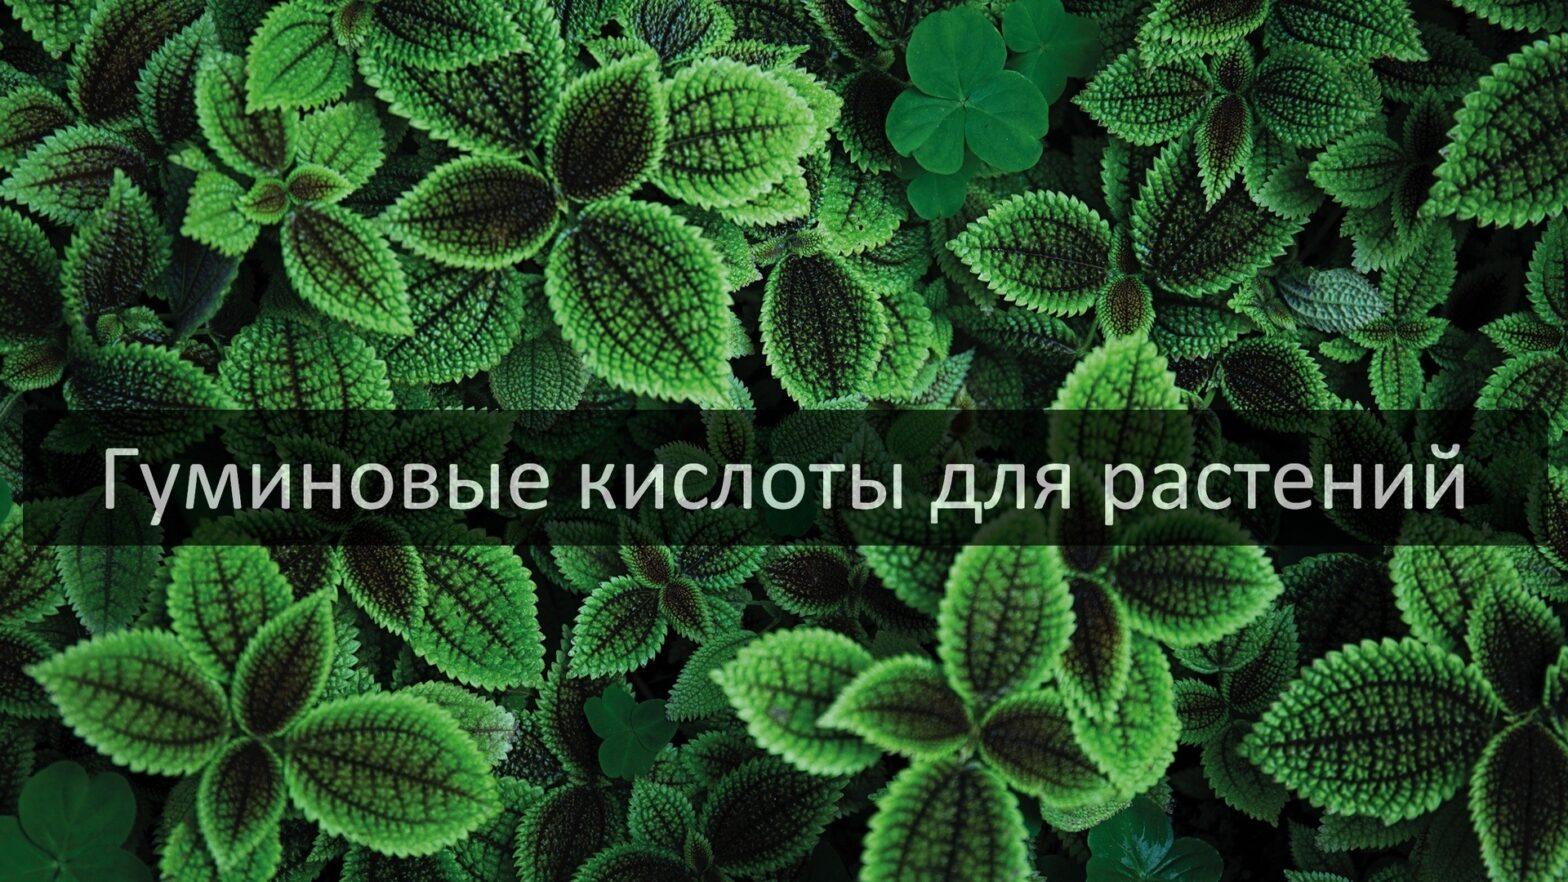 Гуминовые кислоты для растений